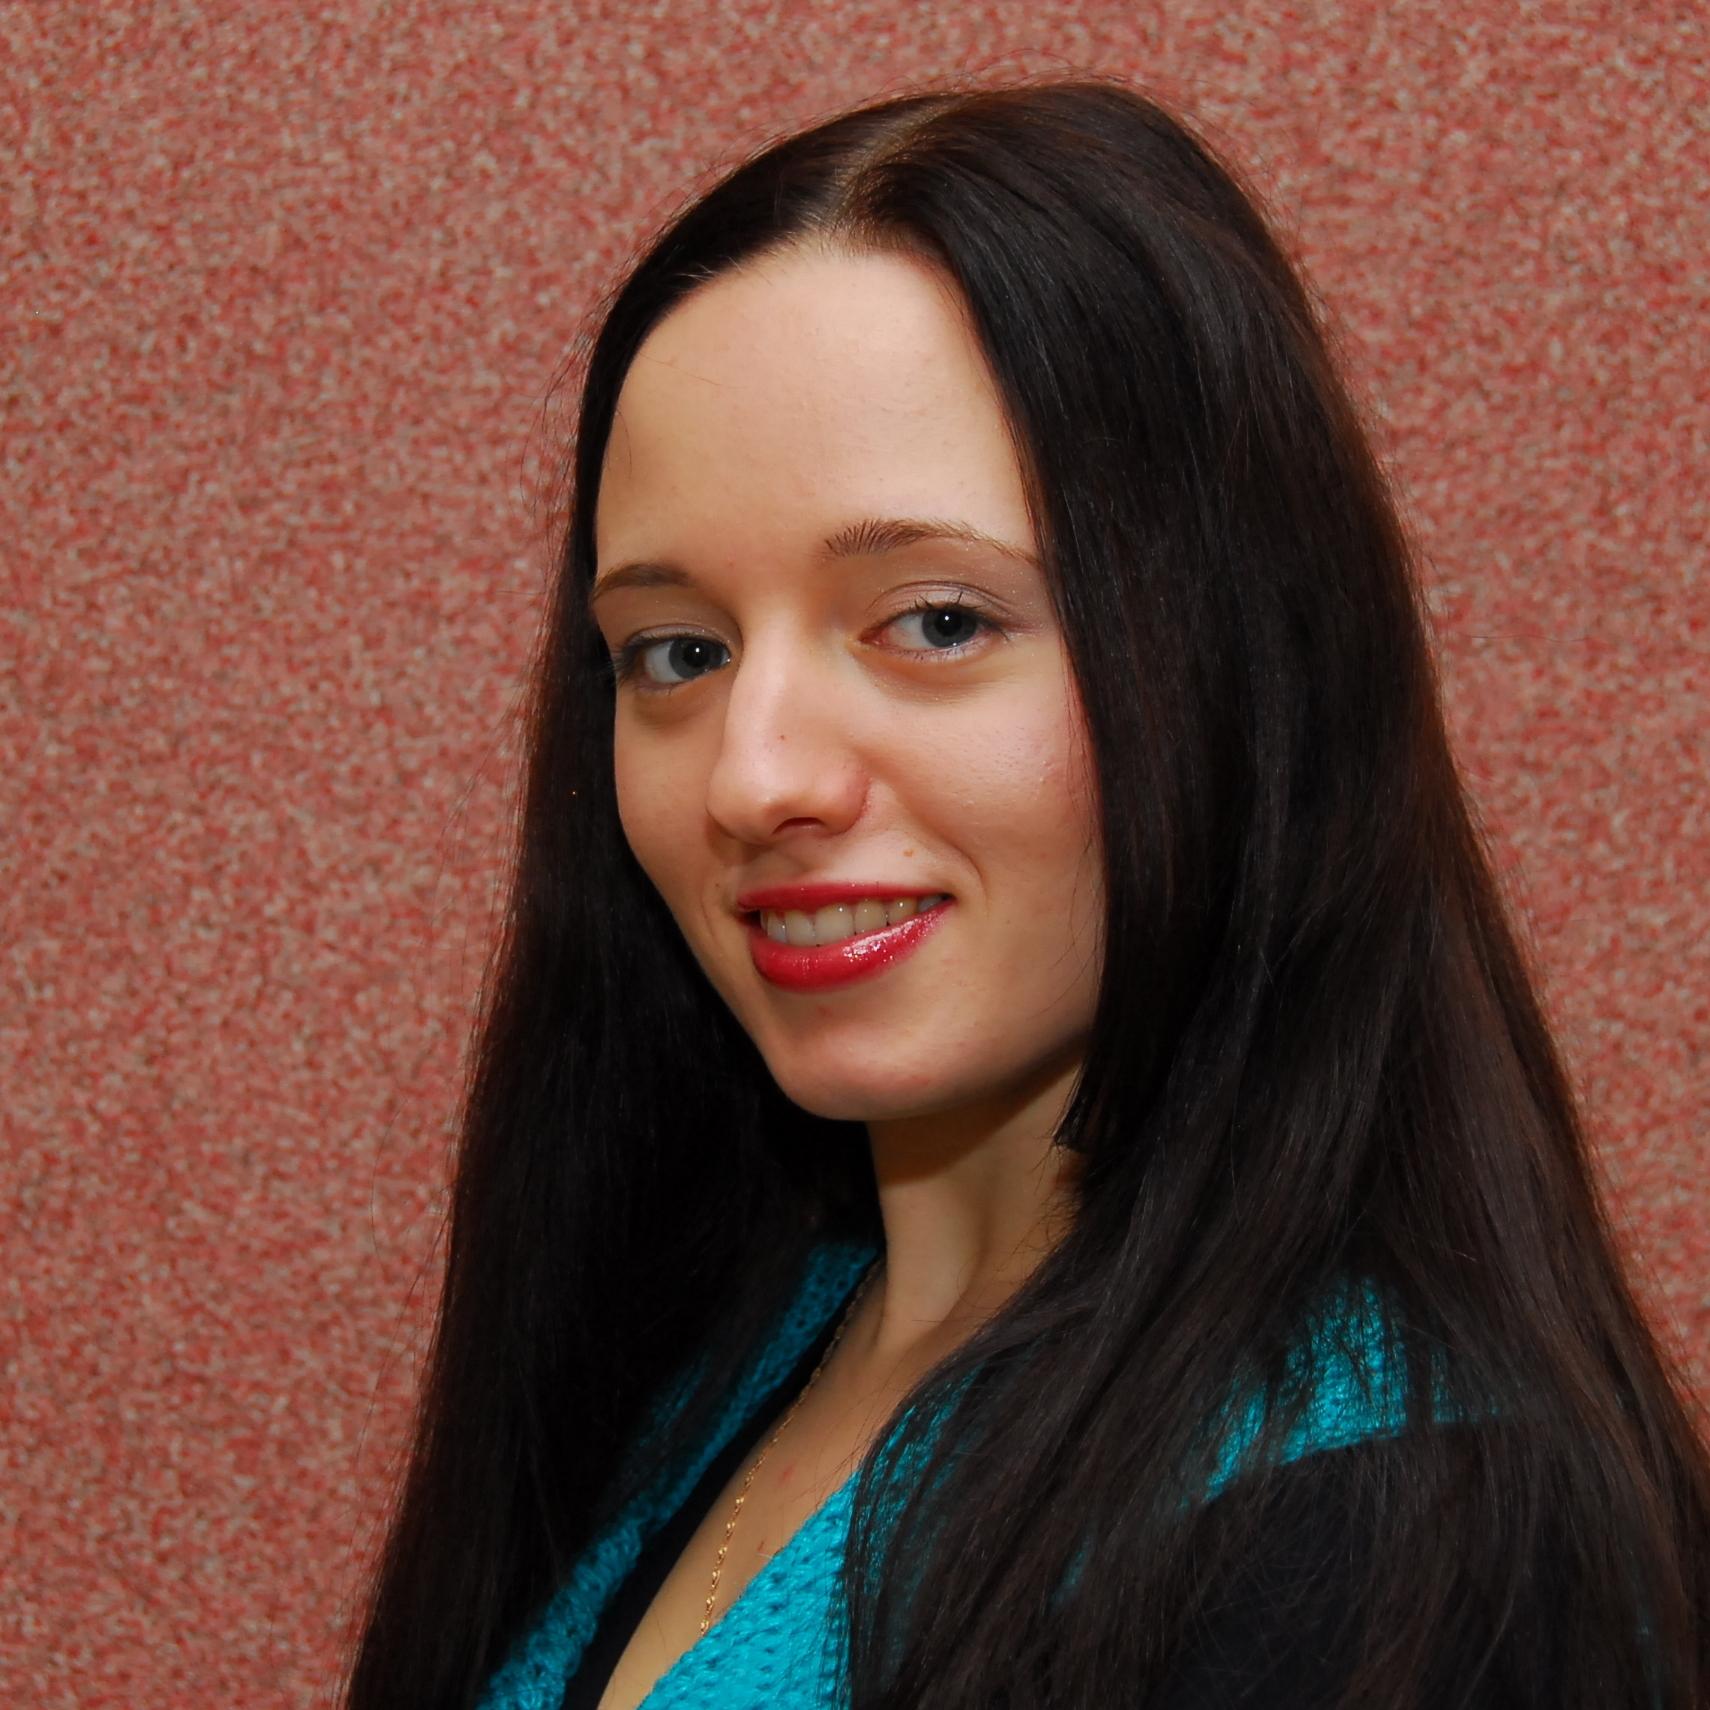 Пискарева Екатерина Андреевна